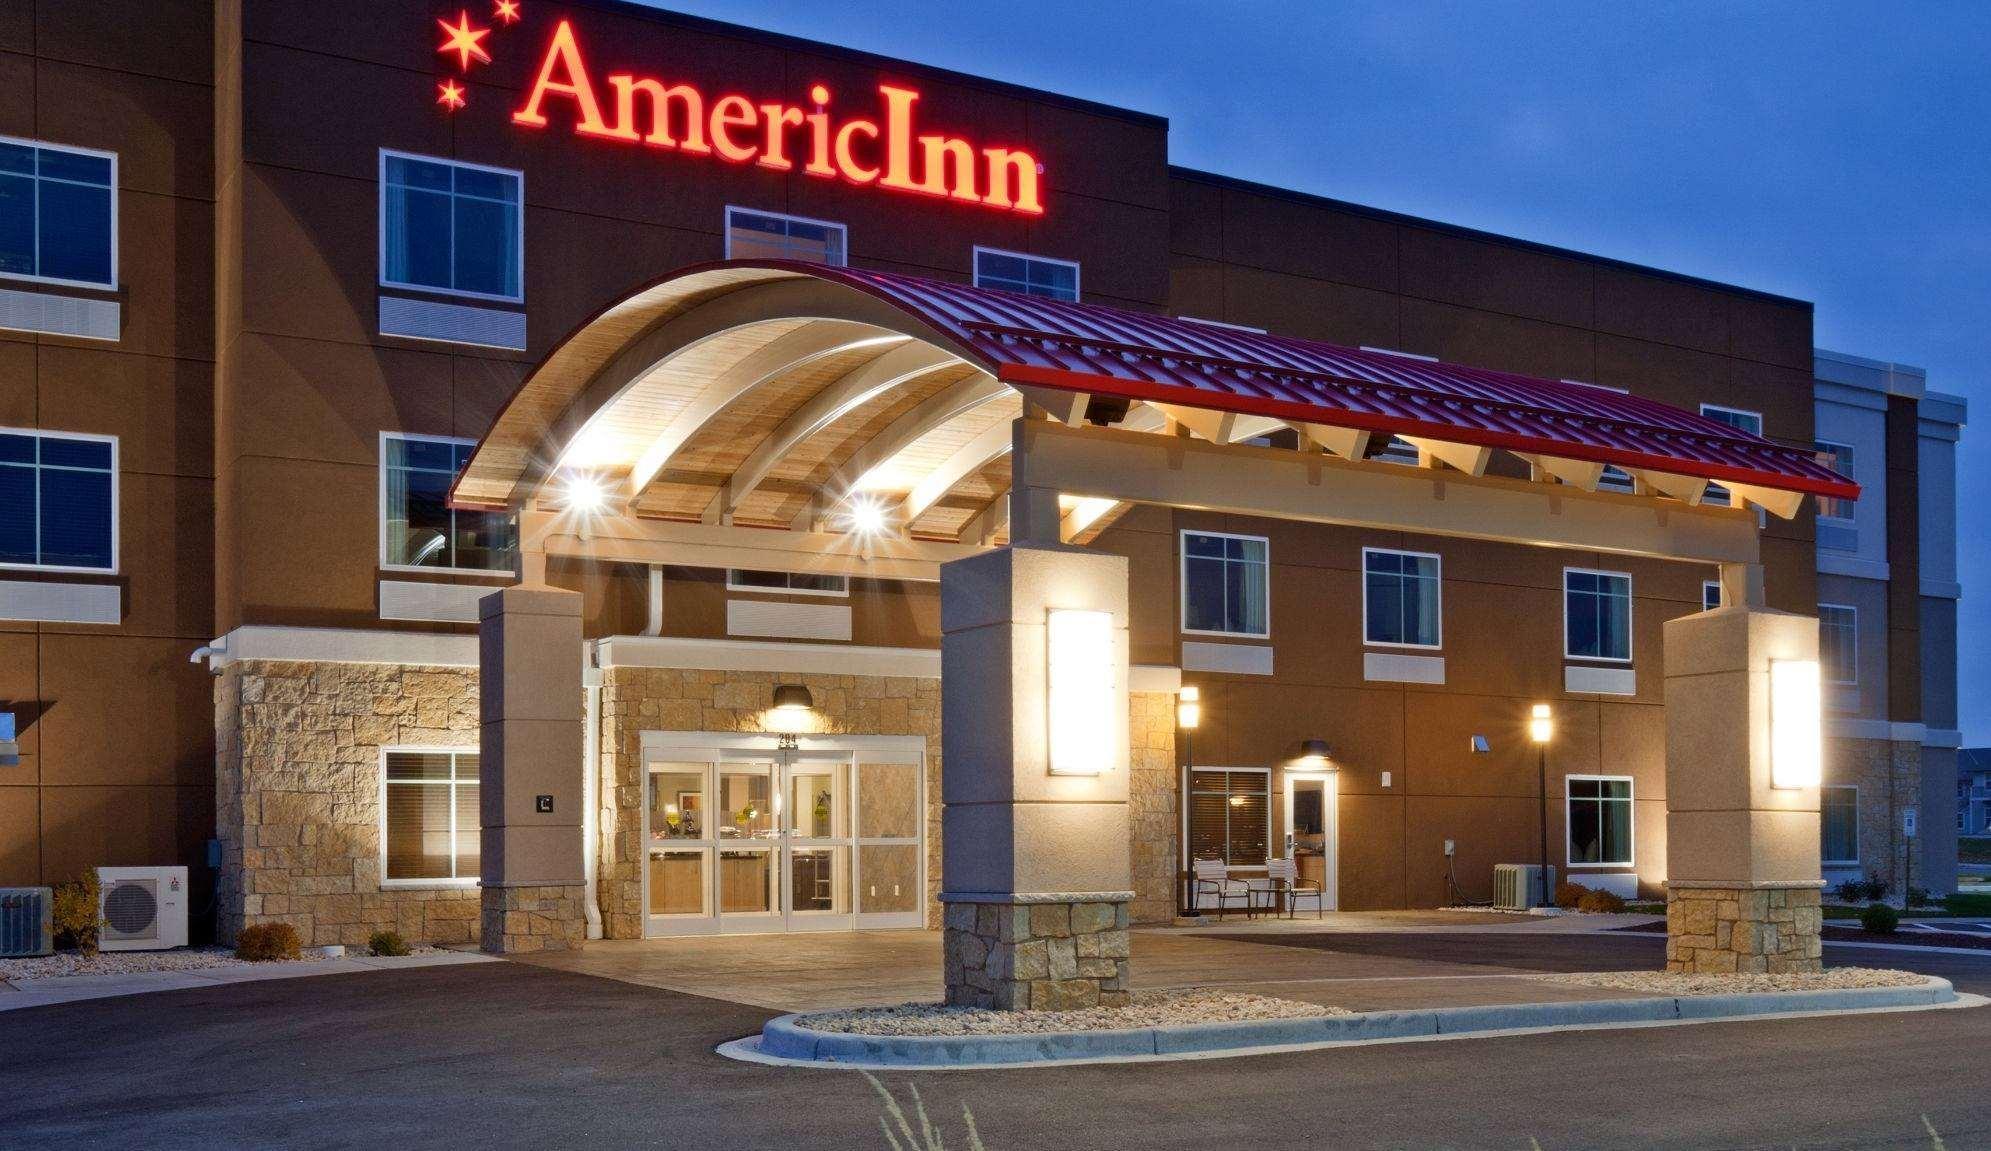 AmericInn By Wyndham Waupun